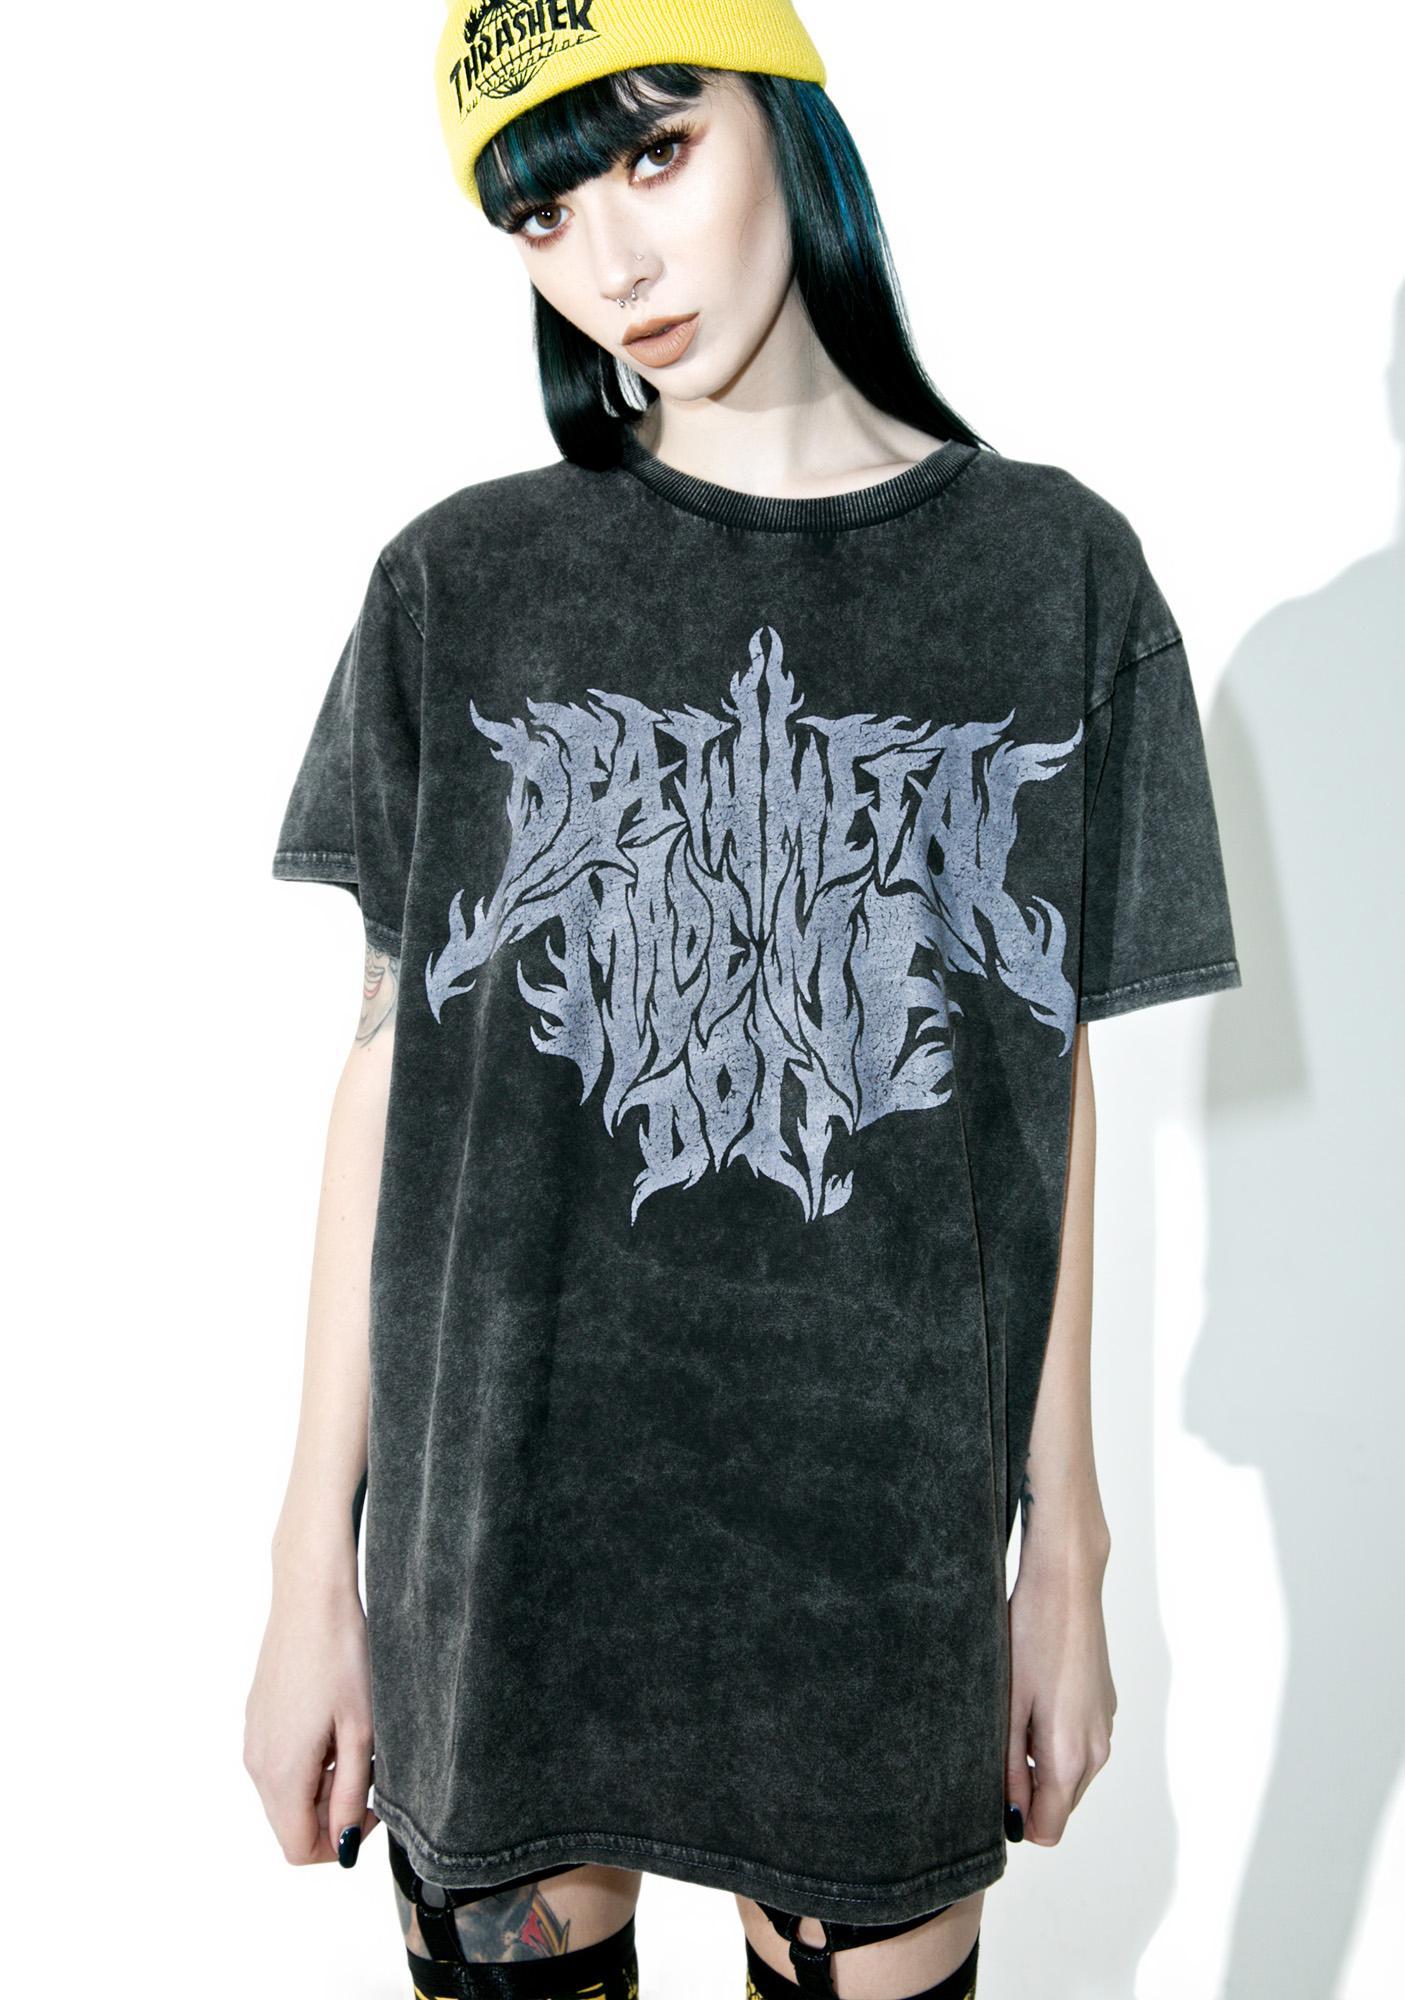 Disturbia Scapegoat T-Shirt